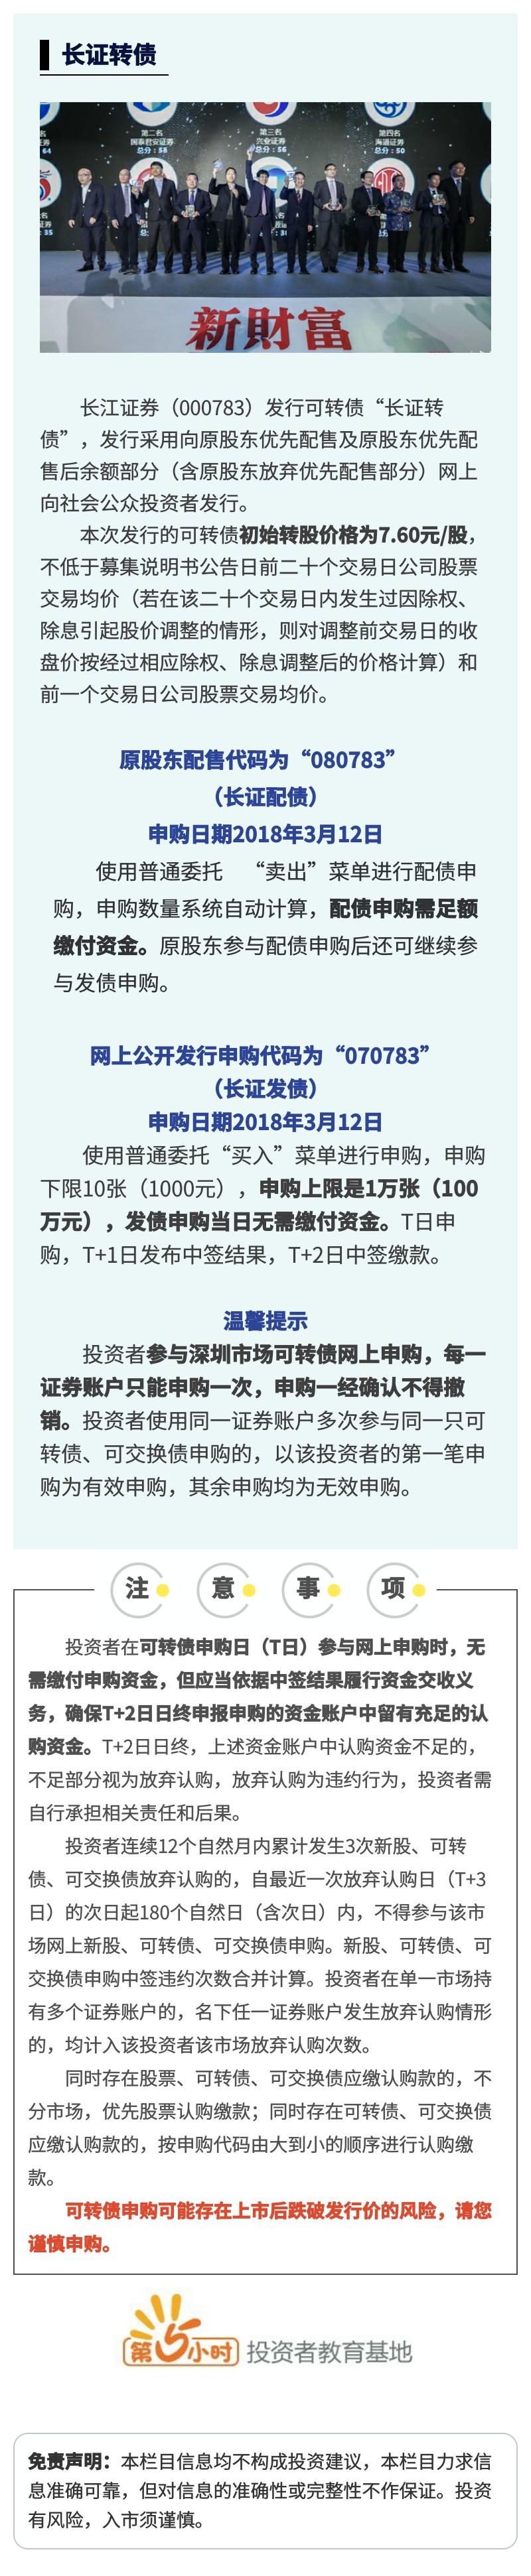 【新债申购】长江证券(000783)公开发行可转换公司债.jpg